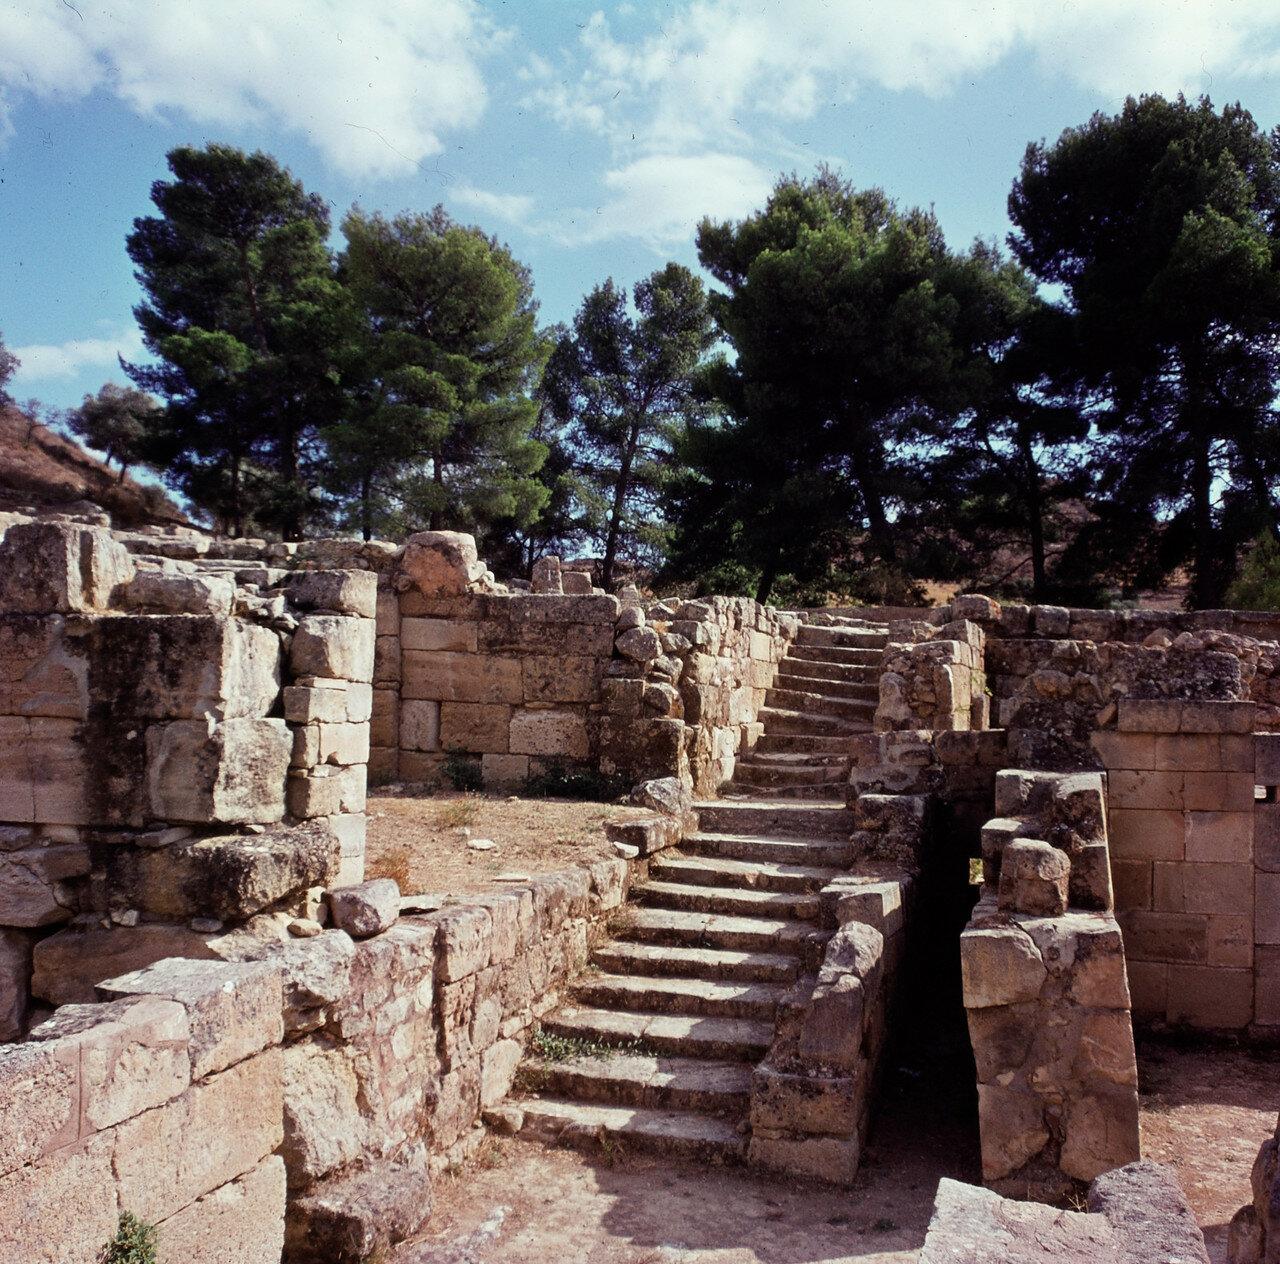 Крит. Агиа Триада. Дворец минойской эпохи. Лестница в западном крыле